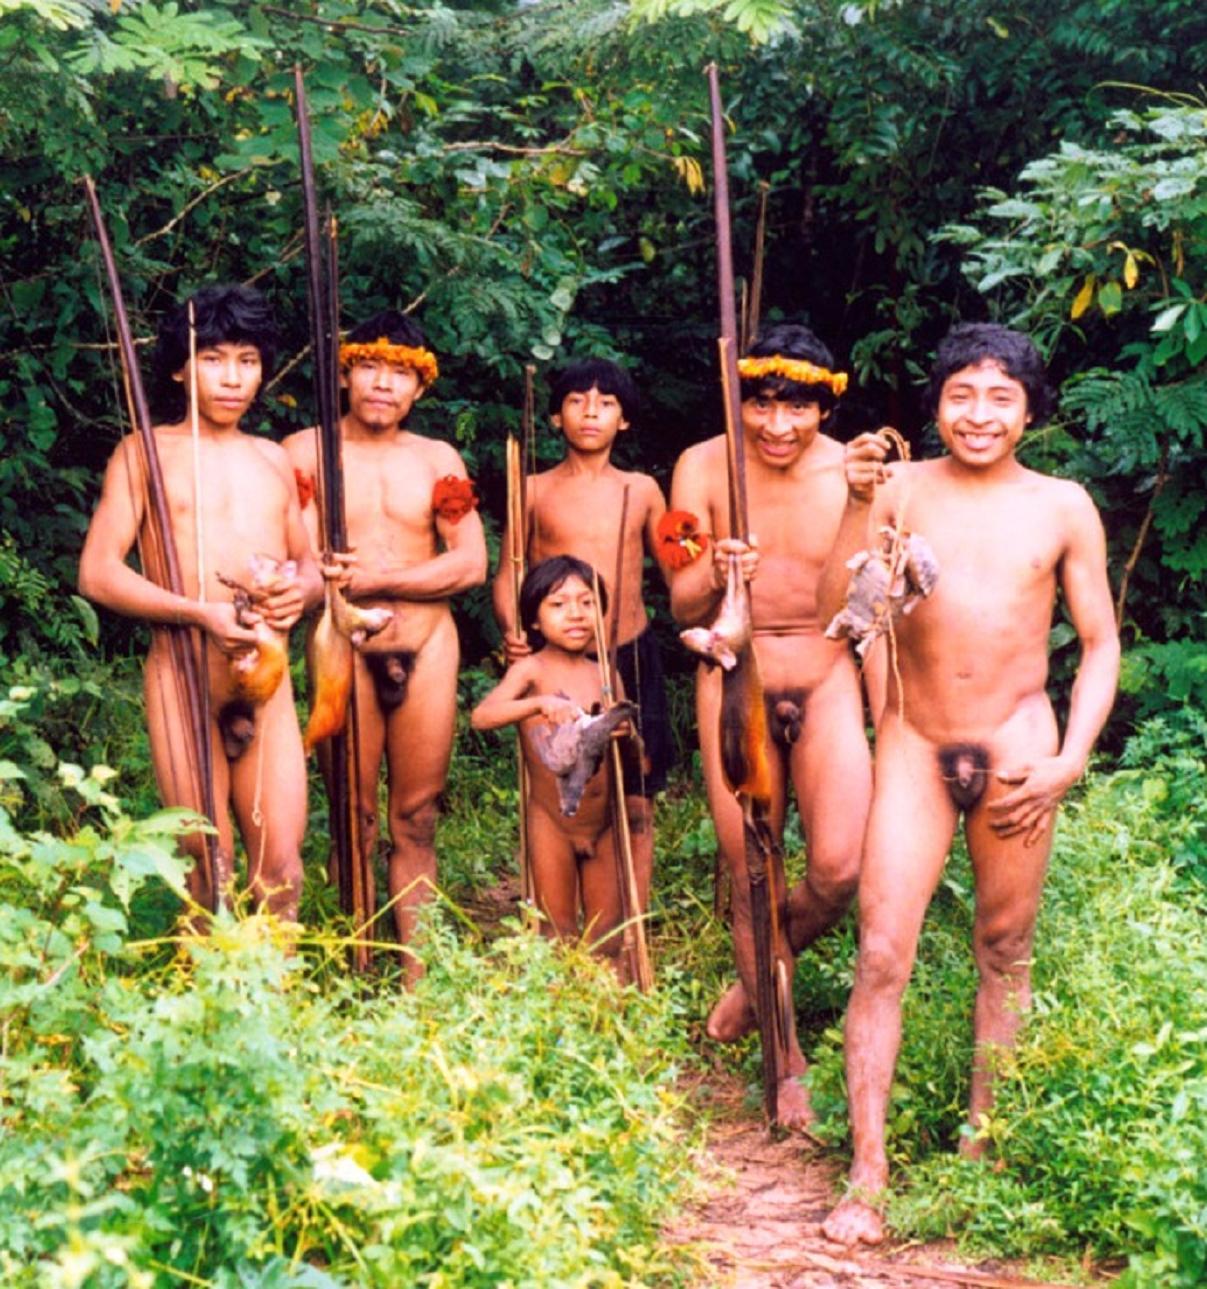 Совсем голые дикие племена 16 фотография